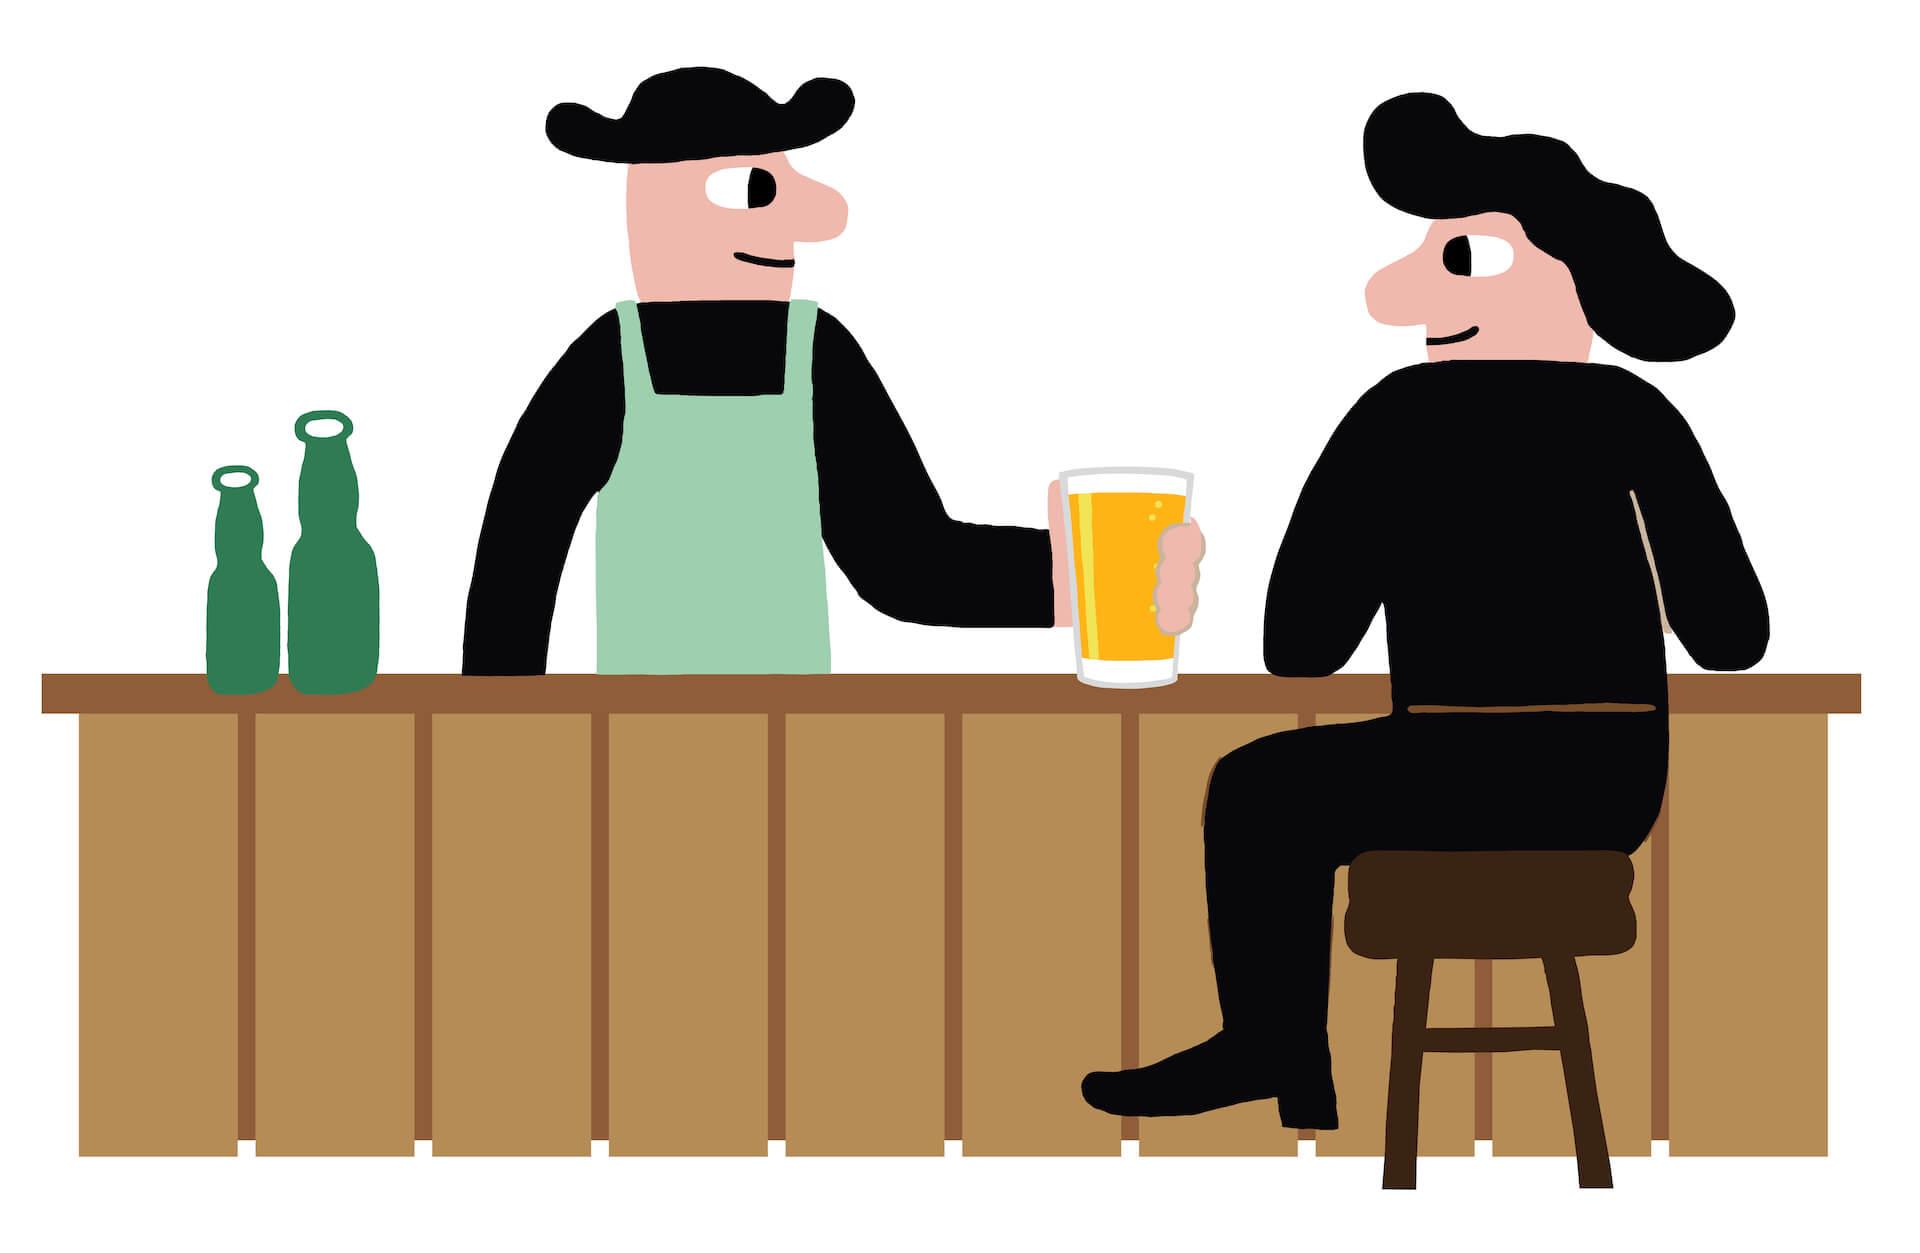 デンマーク生まれのクラフトビール「ミッケラー」が2021年8月より販売スタート!IPA、ペールエール、ラガーの3種がラインナップ gourmet210615_mikkeller_1